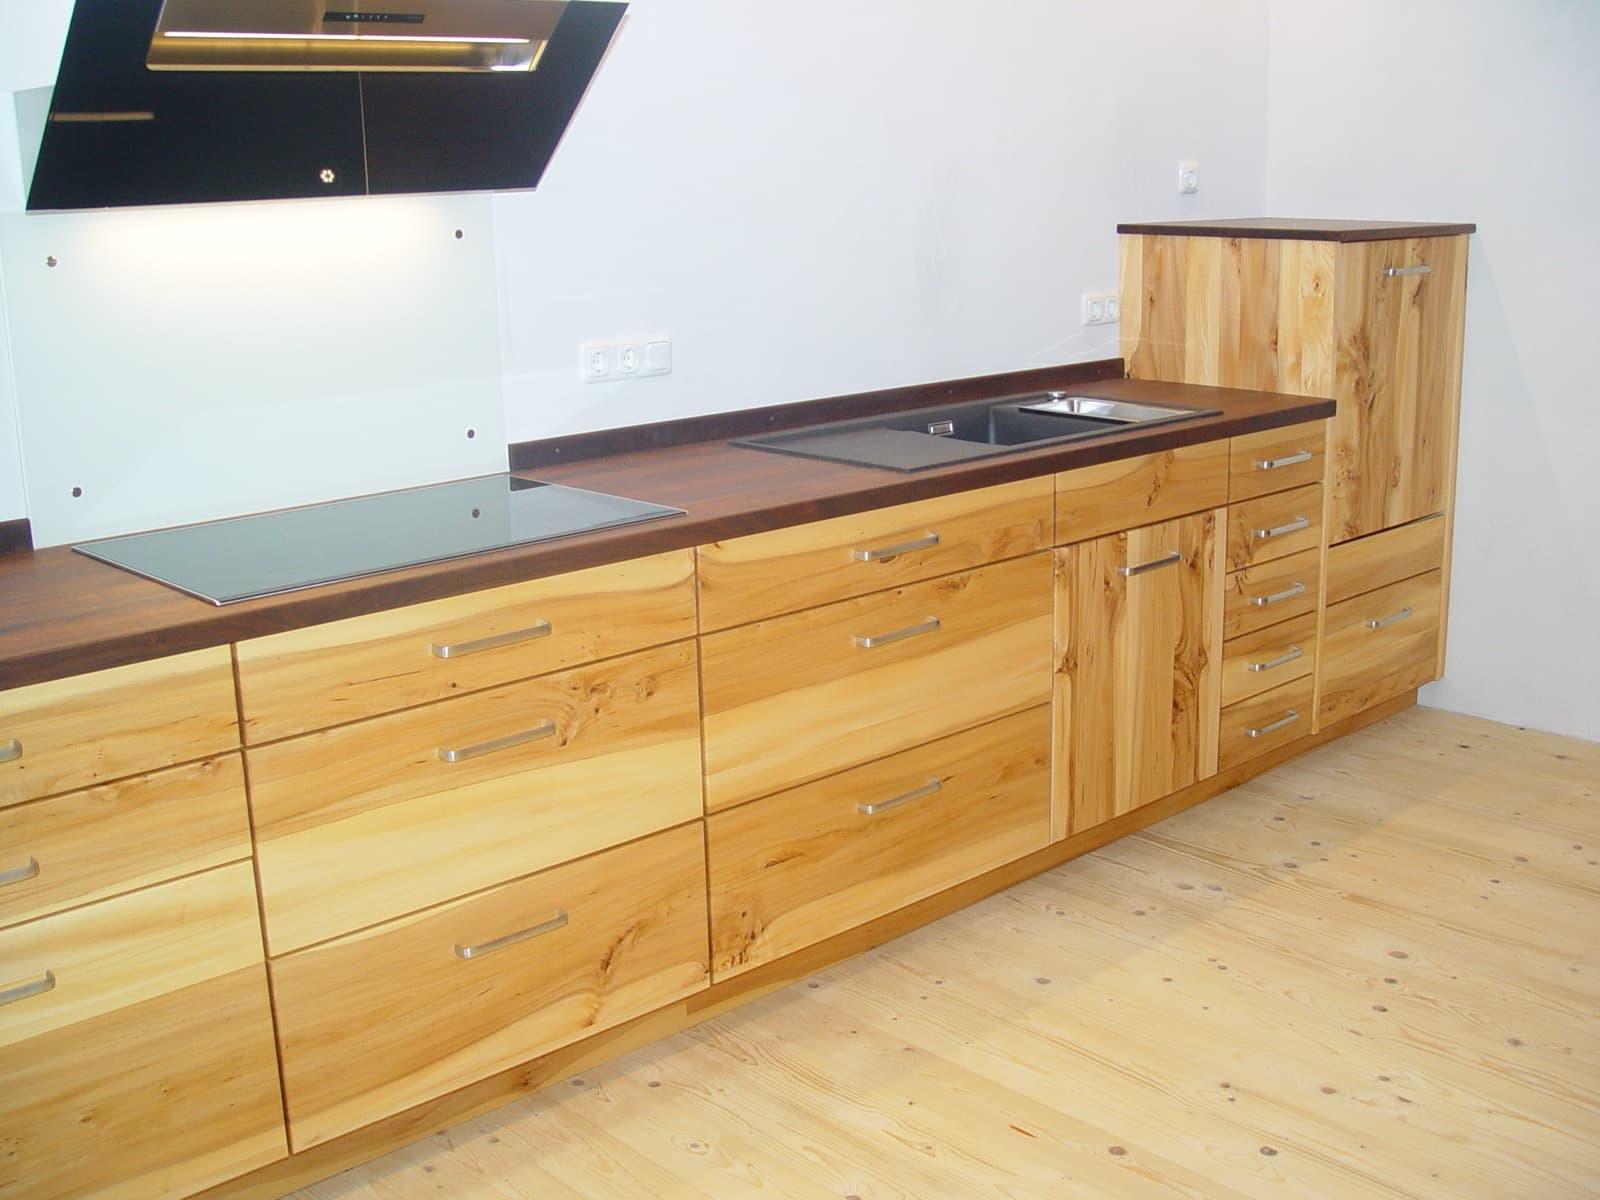 Massivholzküche in Rüster (Ulme) mit Holzarbeitsplatte in Nussbaum